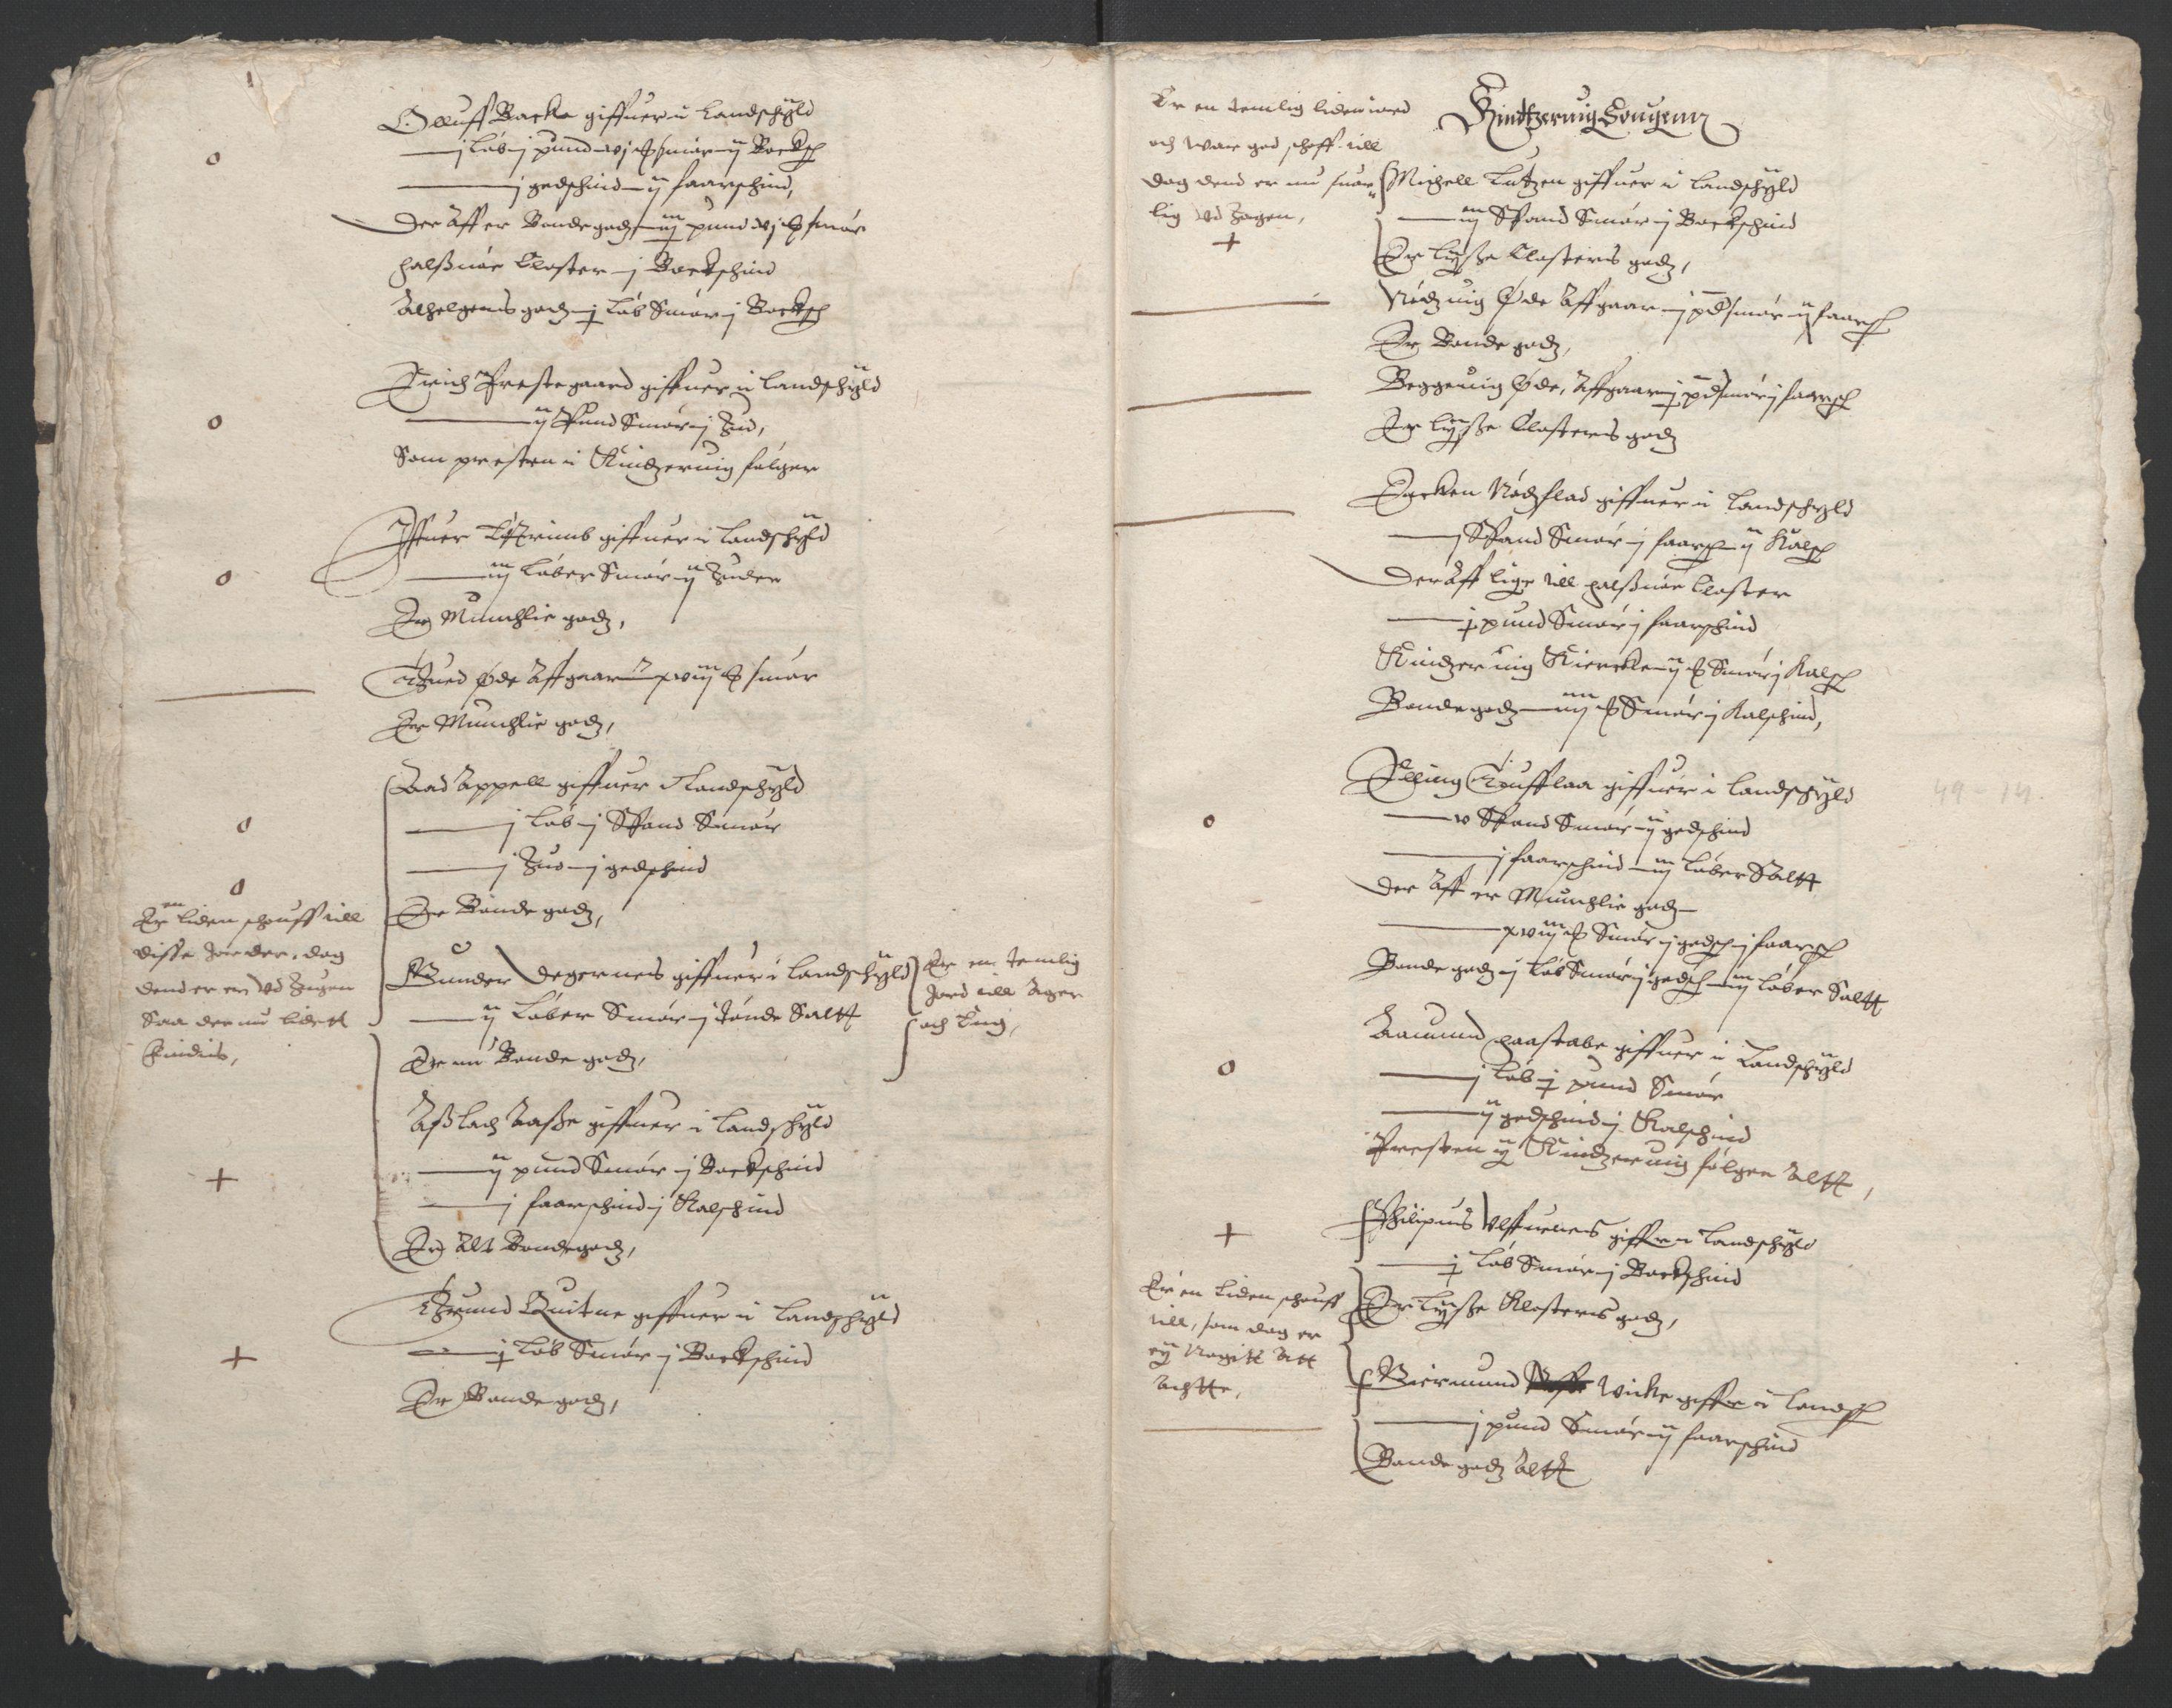 RA, Stattholderembetet 1572-1771, Ek/L0004: Jordebøker til utlikning av garnisonsskatt 1624-1626:, 1626, s. 249